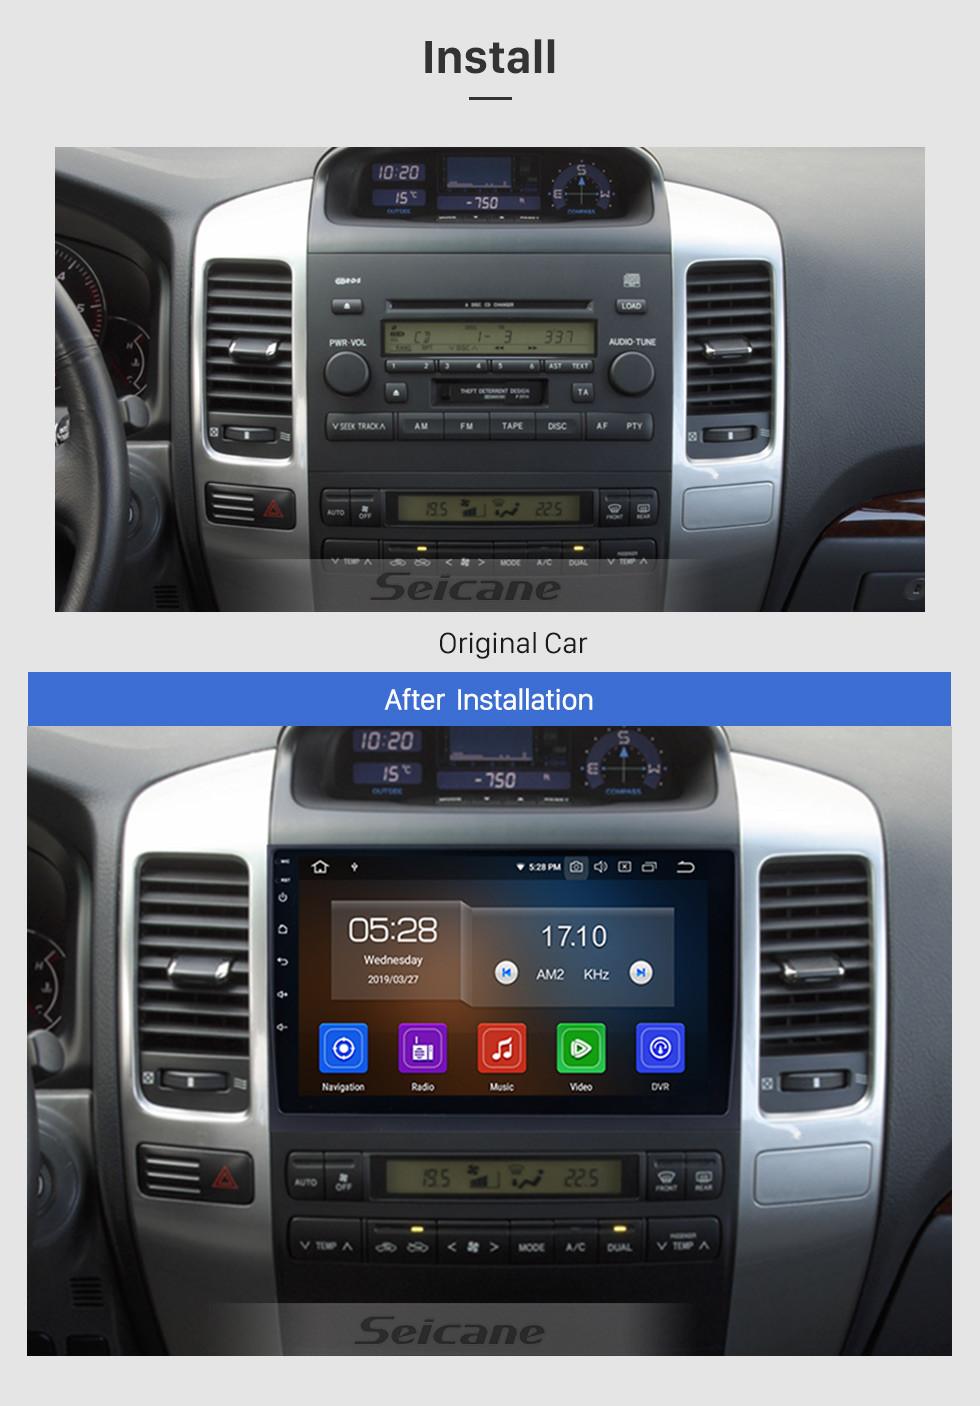 Seicane 2002-2009 Toyota Prado Cruiser 120 Android 9.0 Autoradio DVD Sistema de navegación con 3G WiFi Bluetooth Mirror Link OBD2 Cámara de visión trasera HD 1024 * 600 Pantalla multitáctil